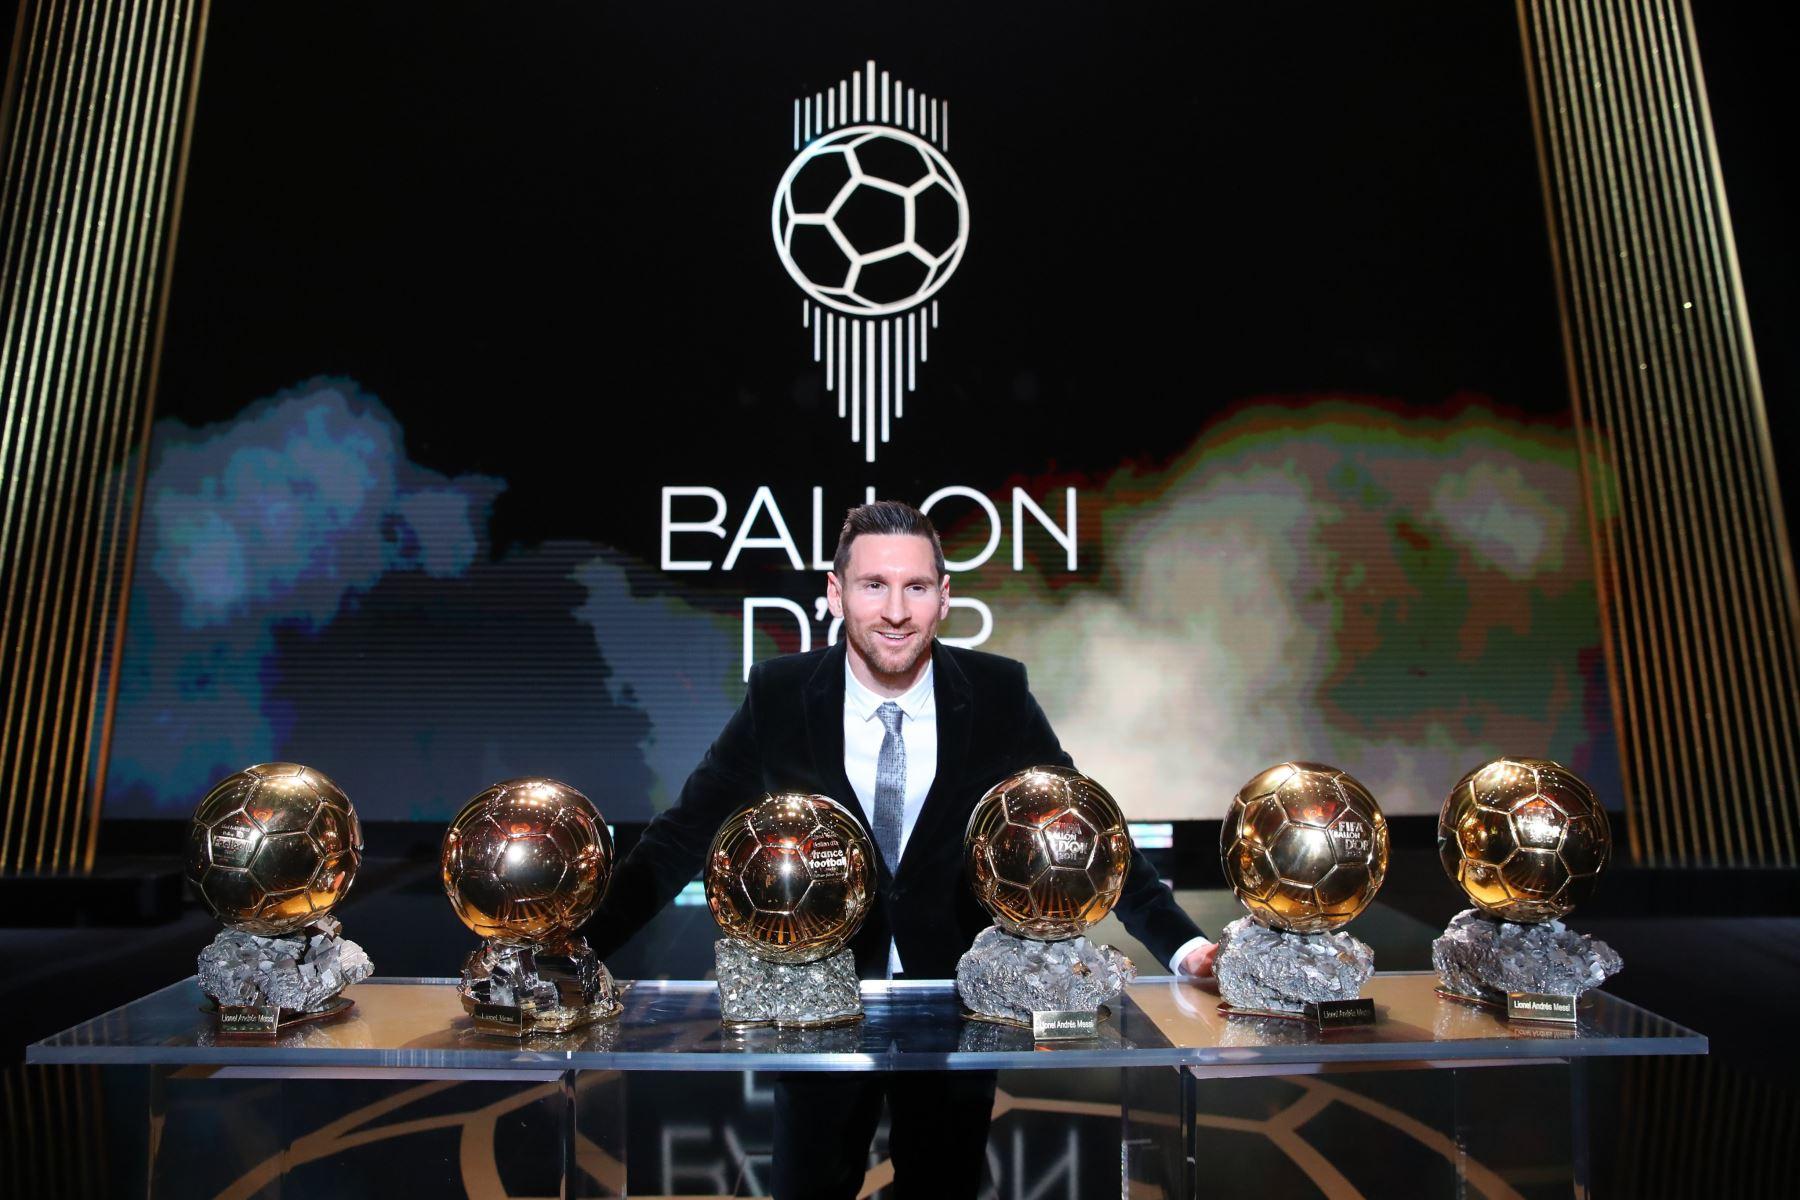 El delantero del Barcelona Lionel Messi,  gana su sexto Balón de Oro. Foto: EFE